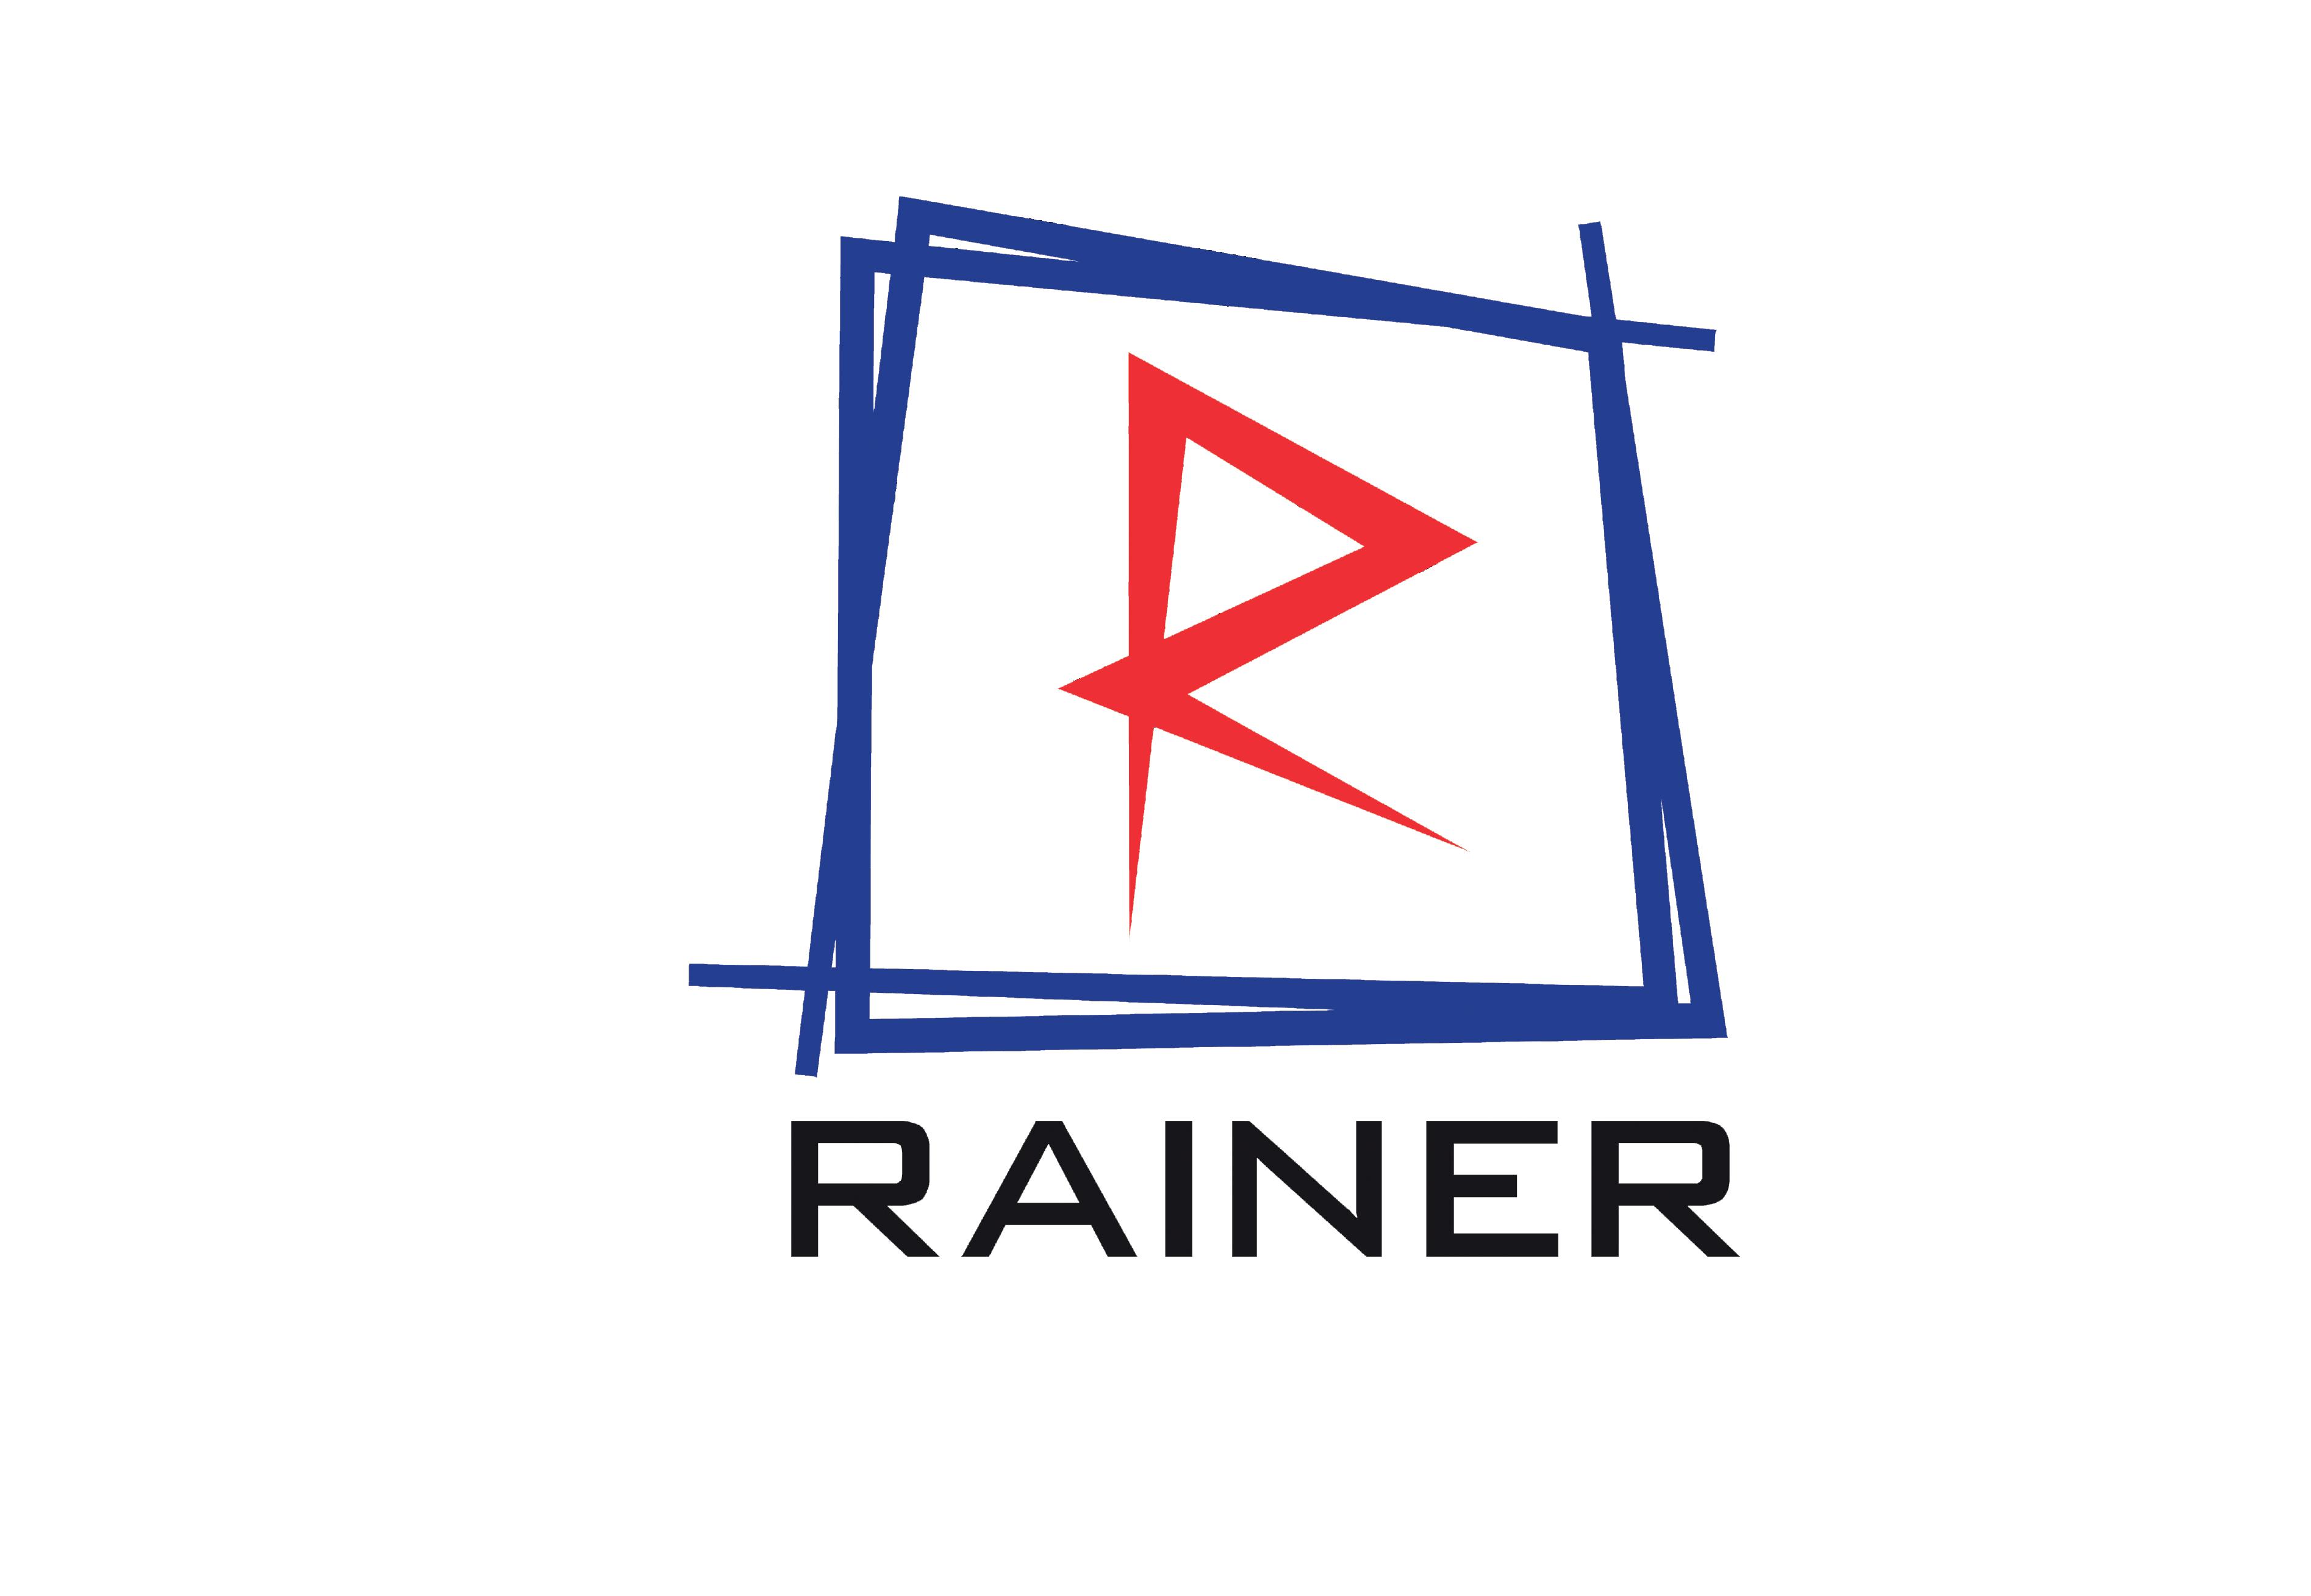 ריינר תקשורת - וידאו שיווקי